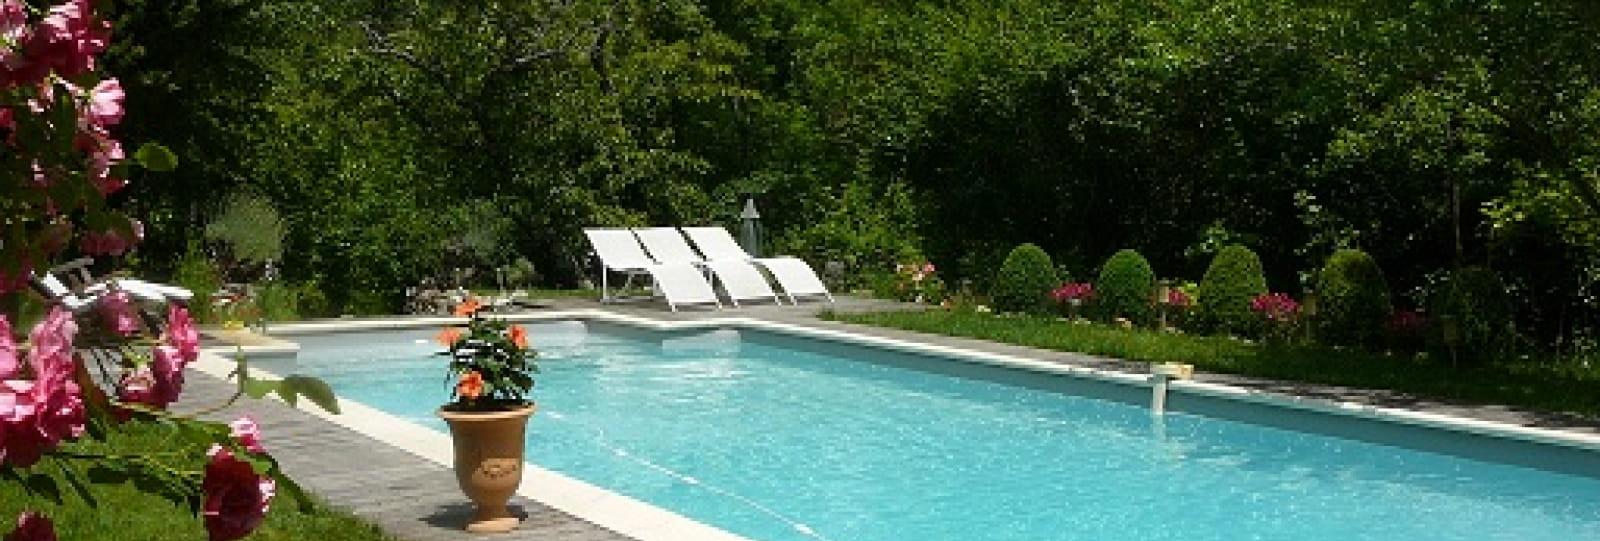 Chambre d'hôtes La Théron - piscine